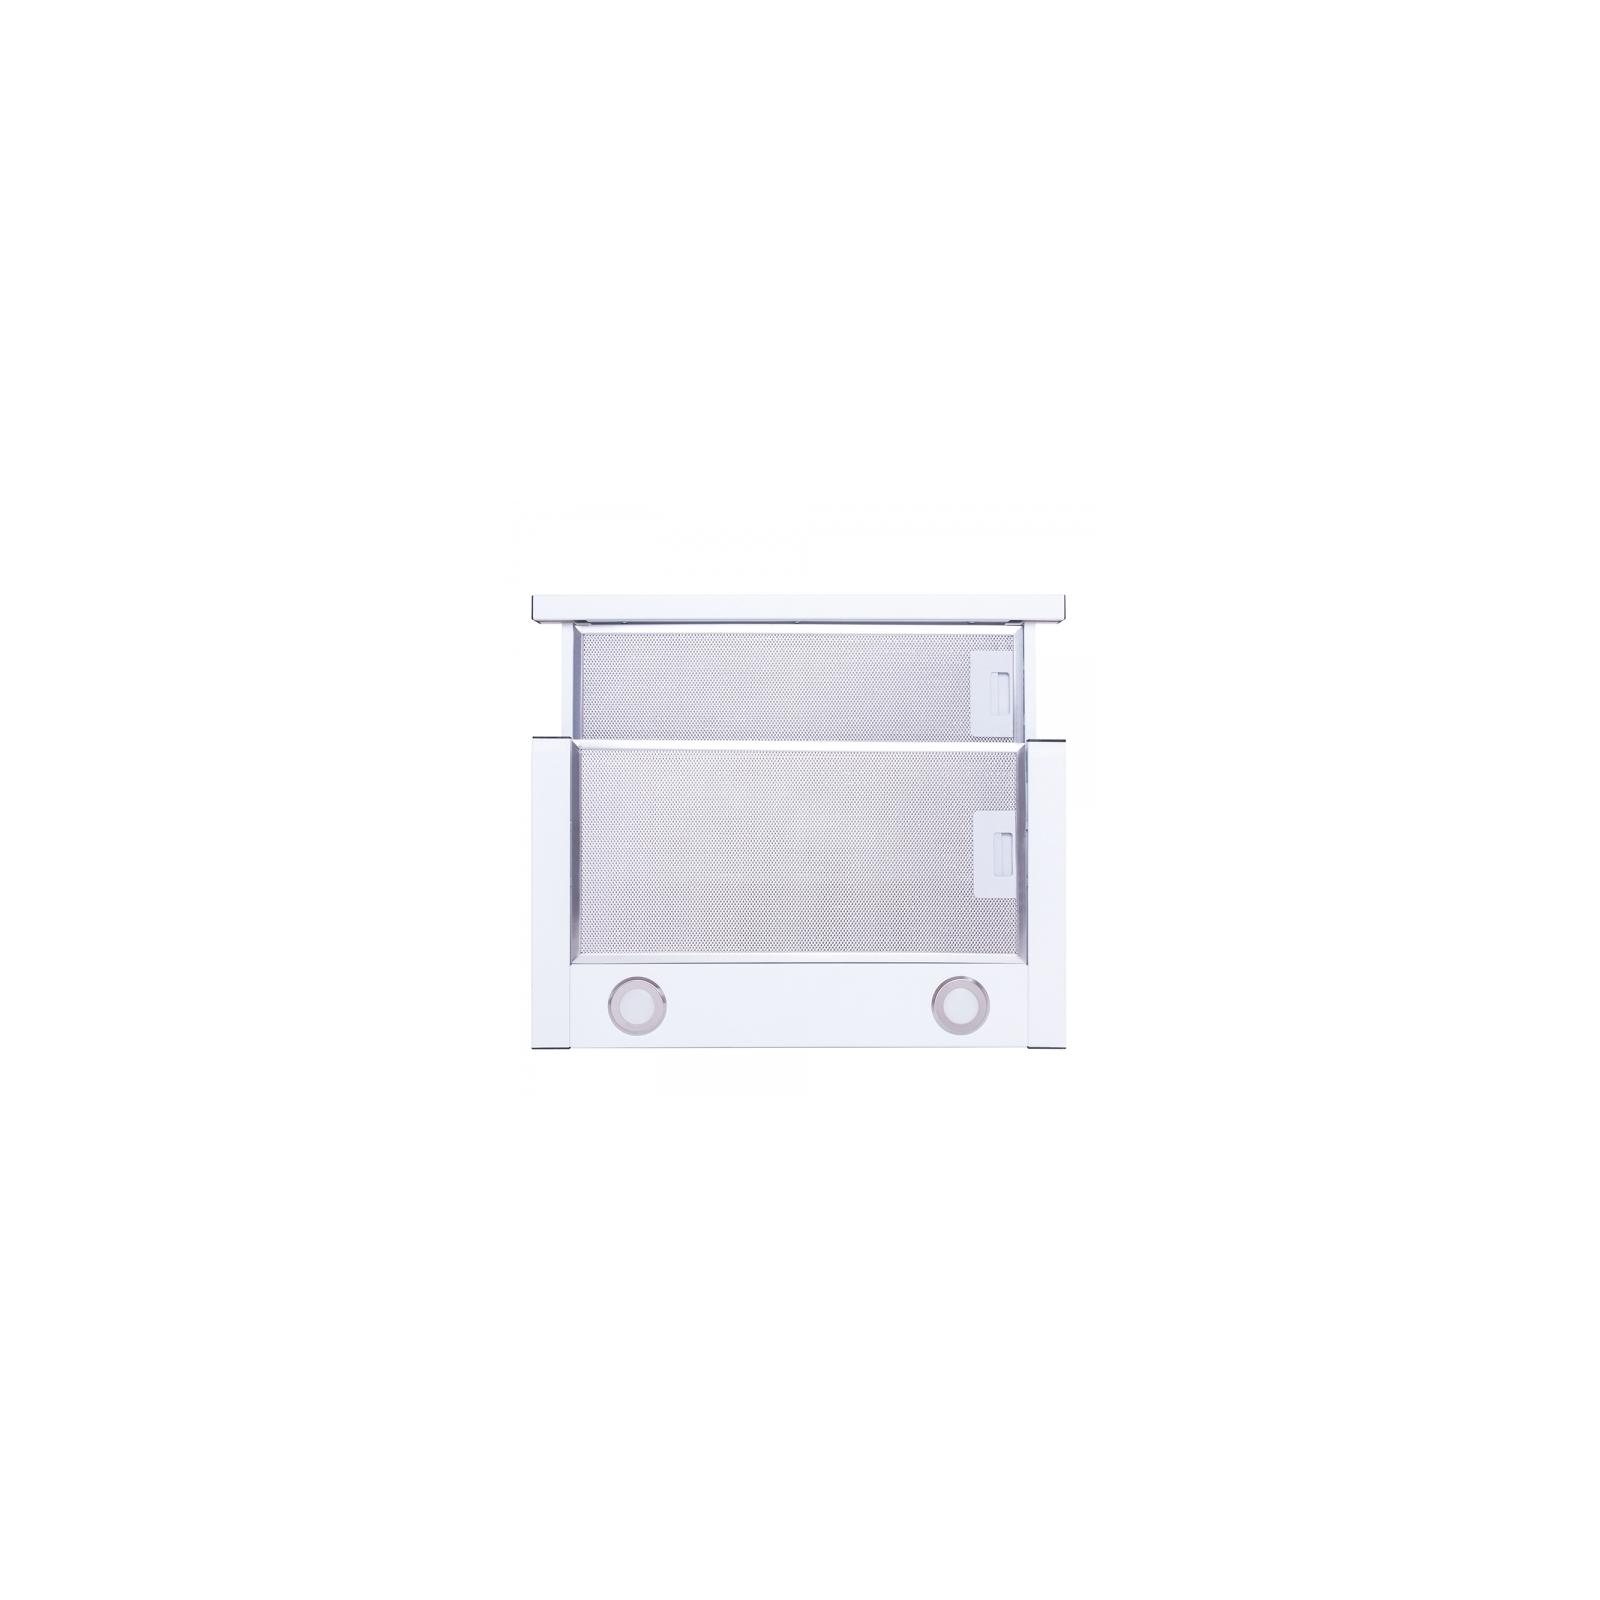 Вытяжка кухонная Perfelli TL 5212 C S/I 650 LED изображение 4